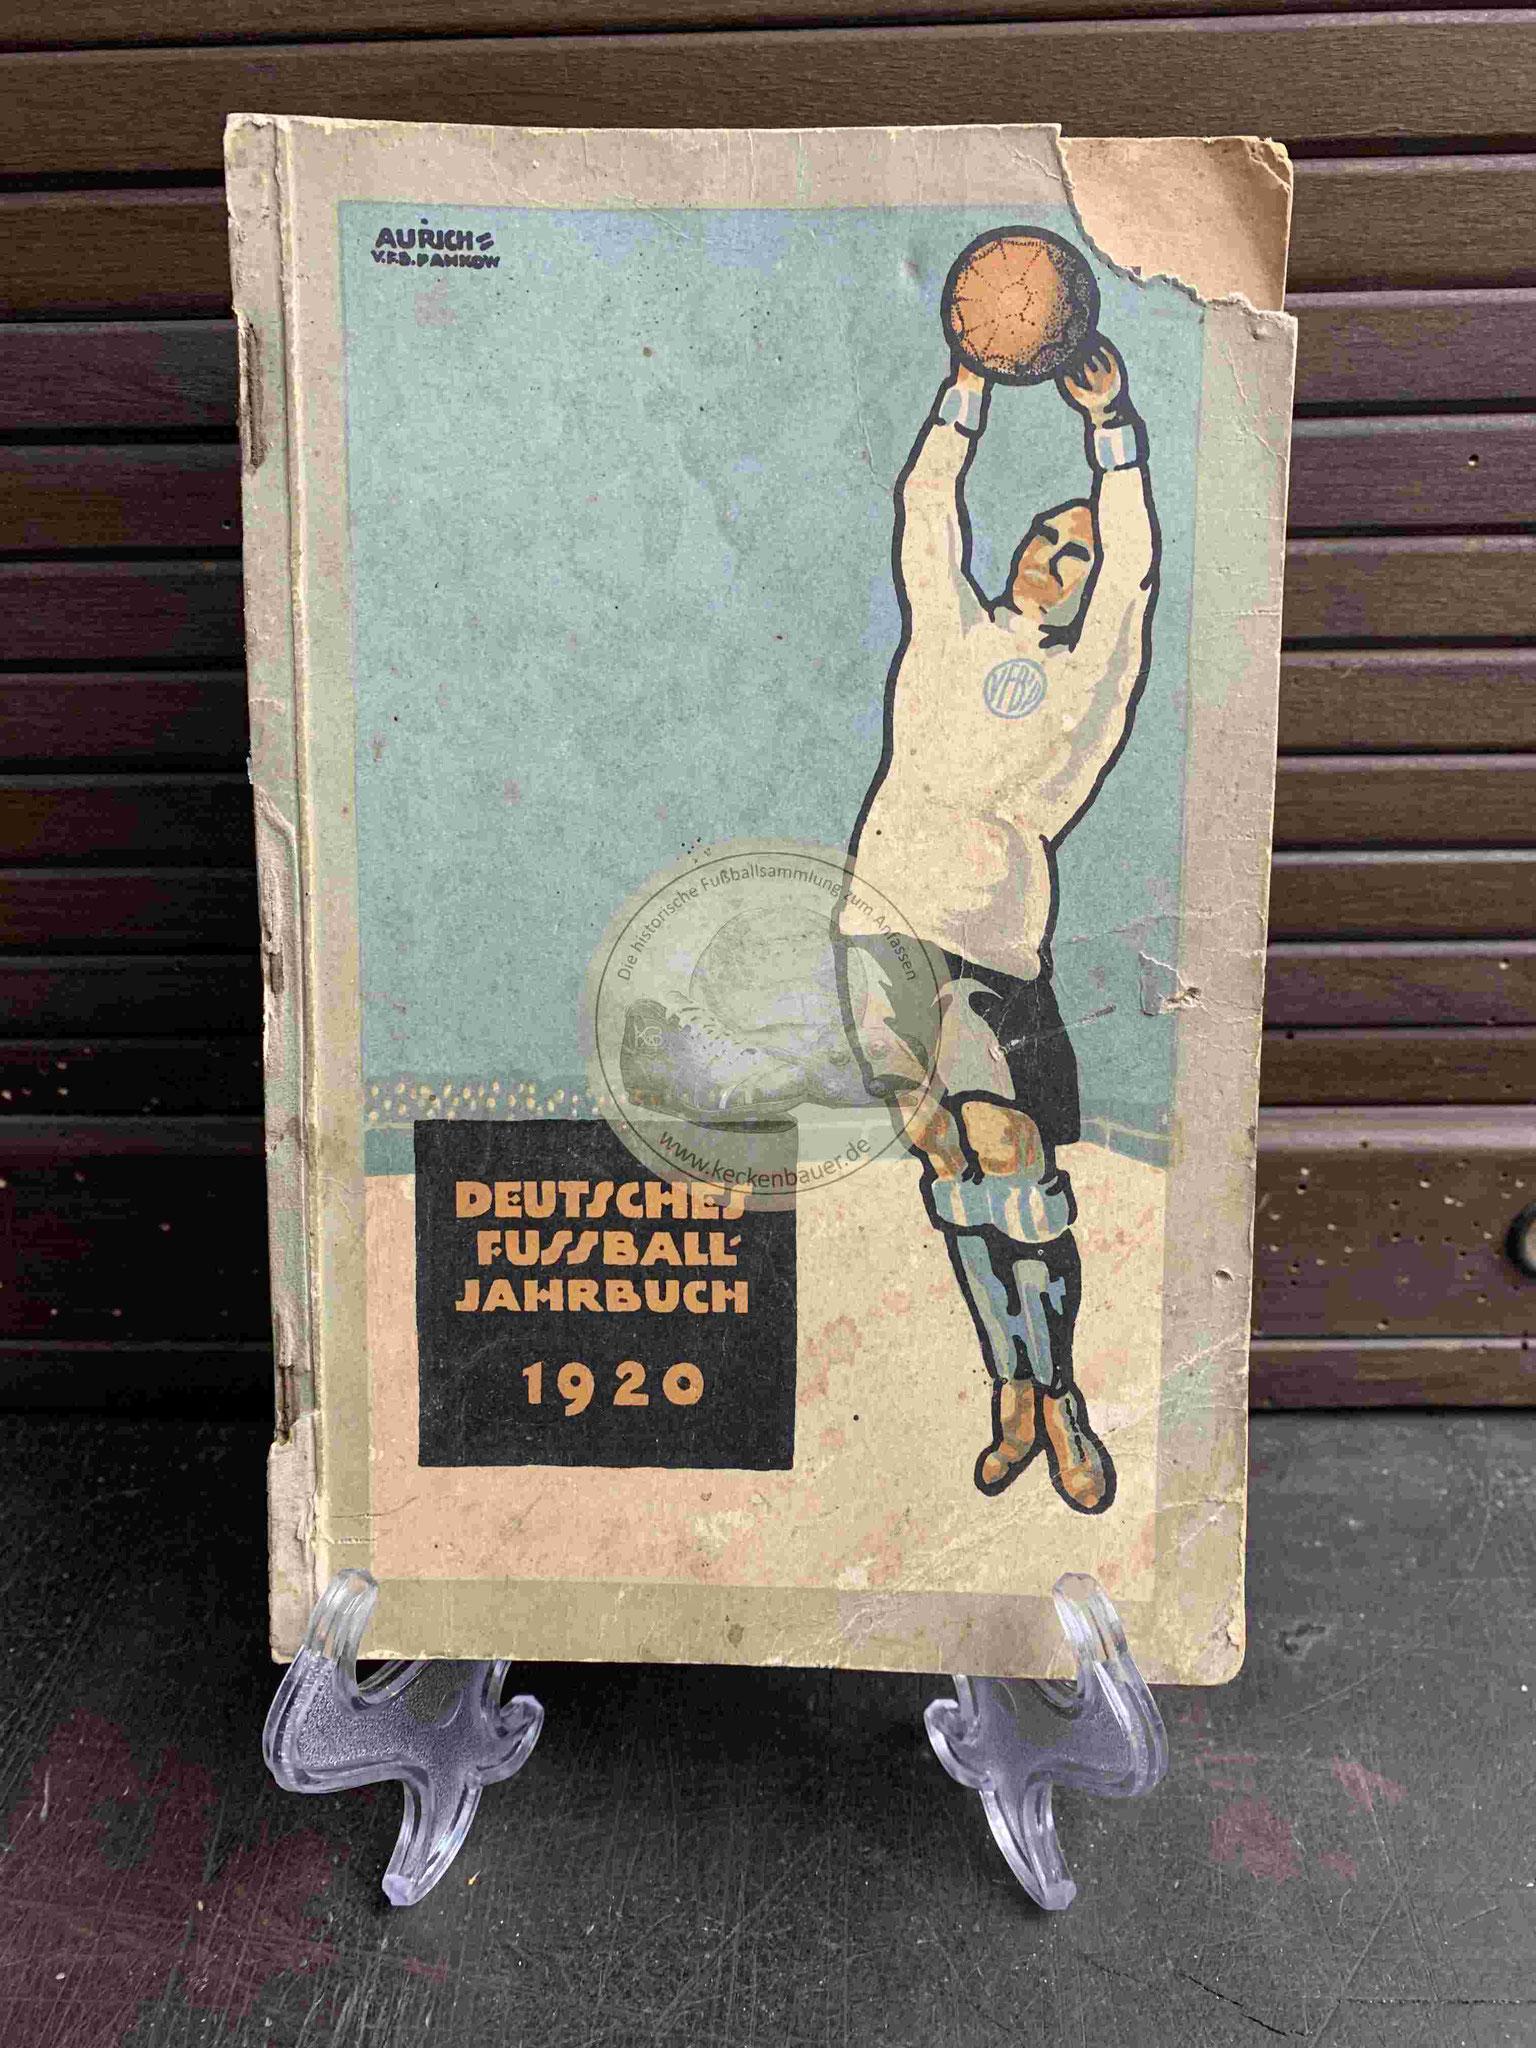 Deutsche Fussball Jahrbuch vom DFB aus dem Jahr 1920